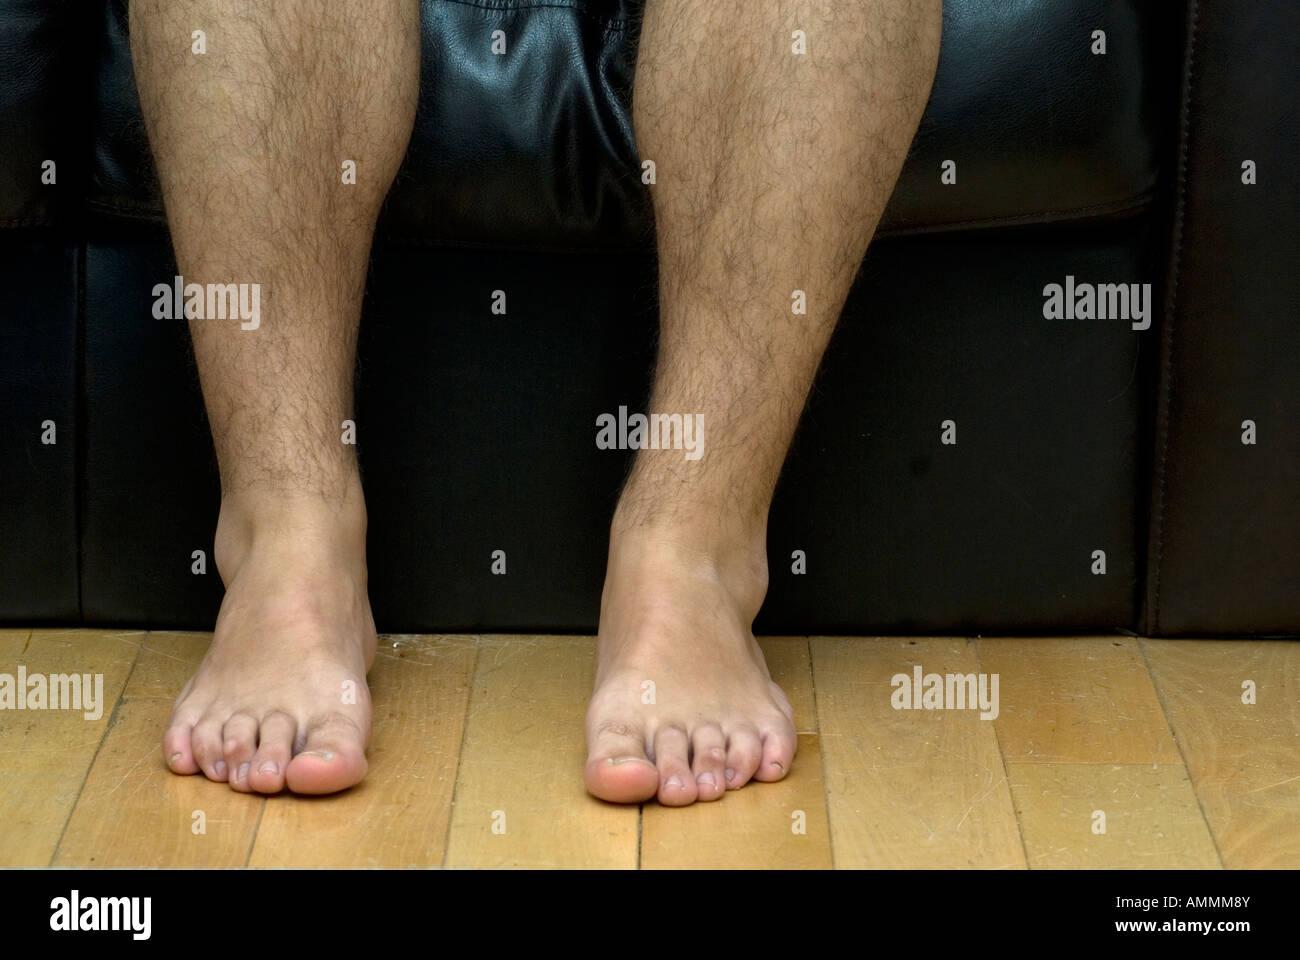 Hairy Legs Photos 120